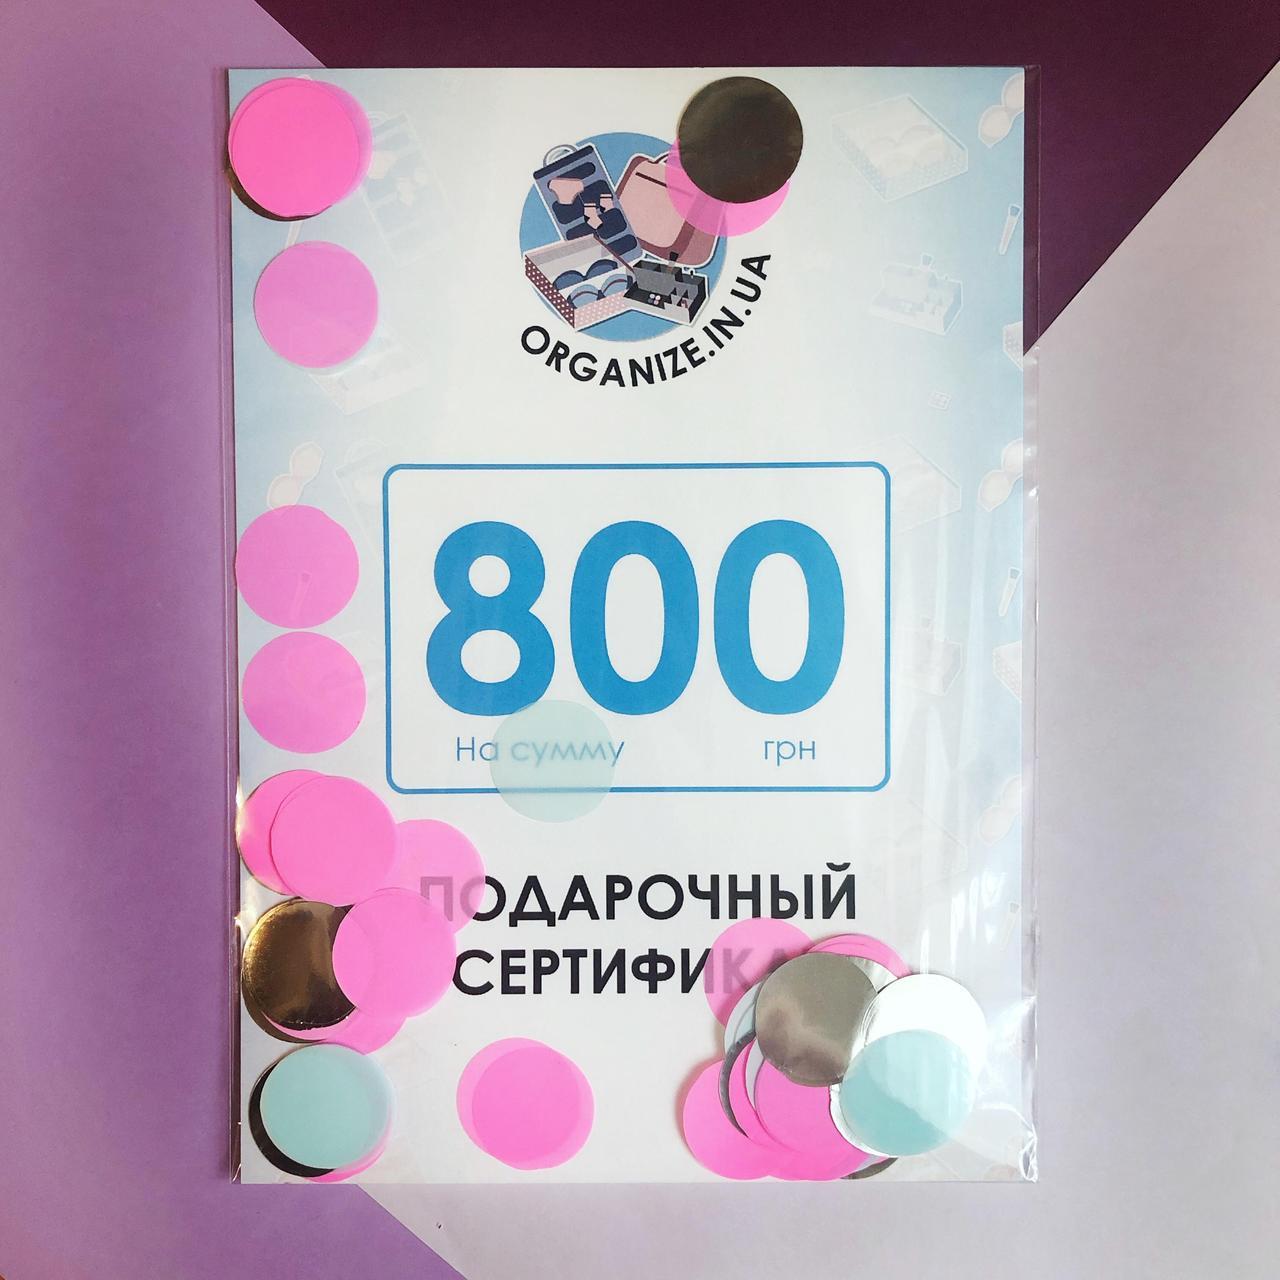 Подарочный сертификат на 800 грн на органайзеры